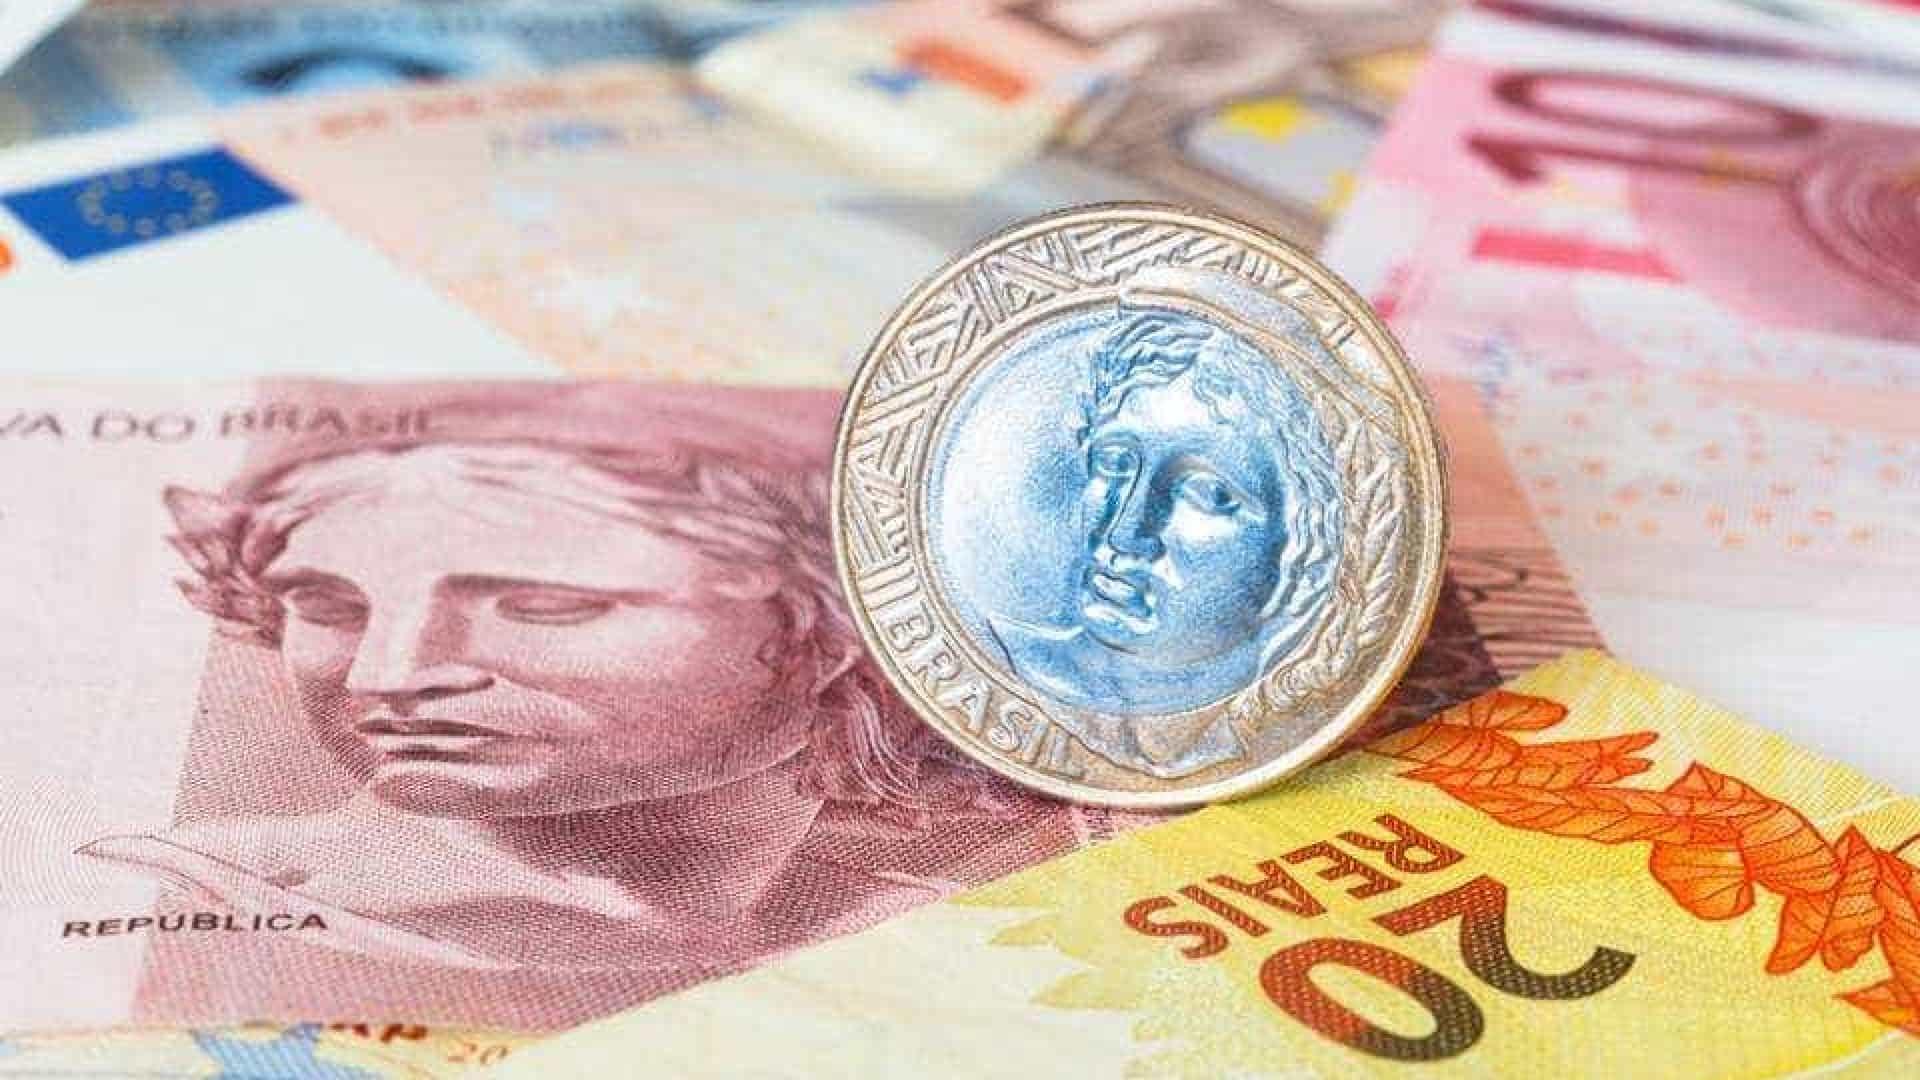 naom 55c48a8abb9e7 - Governo deve bloquear R$ 30 bilhões do Orçamento